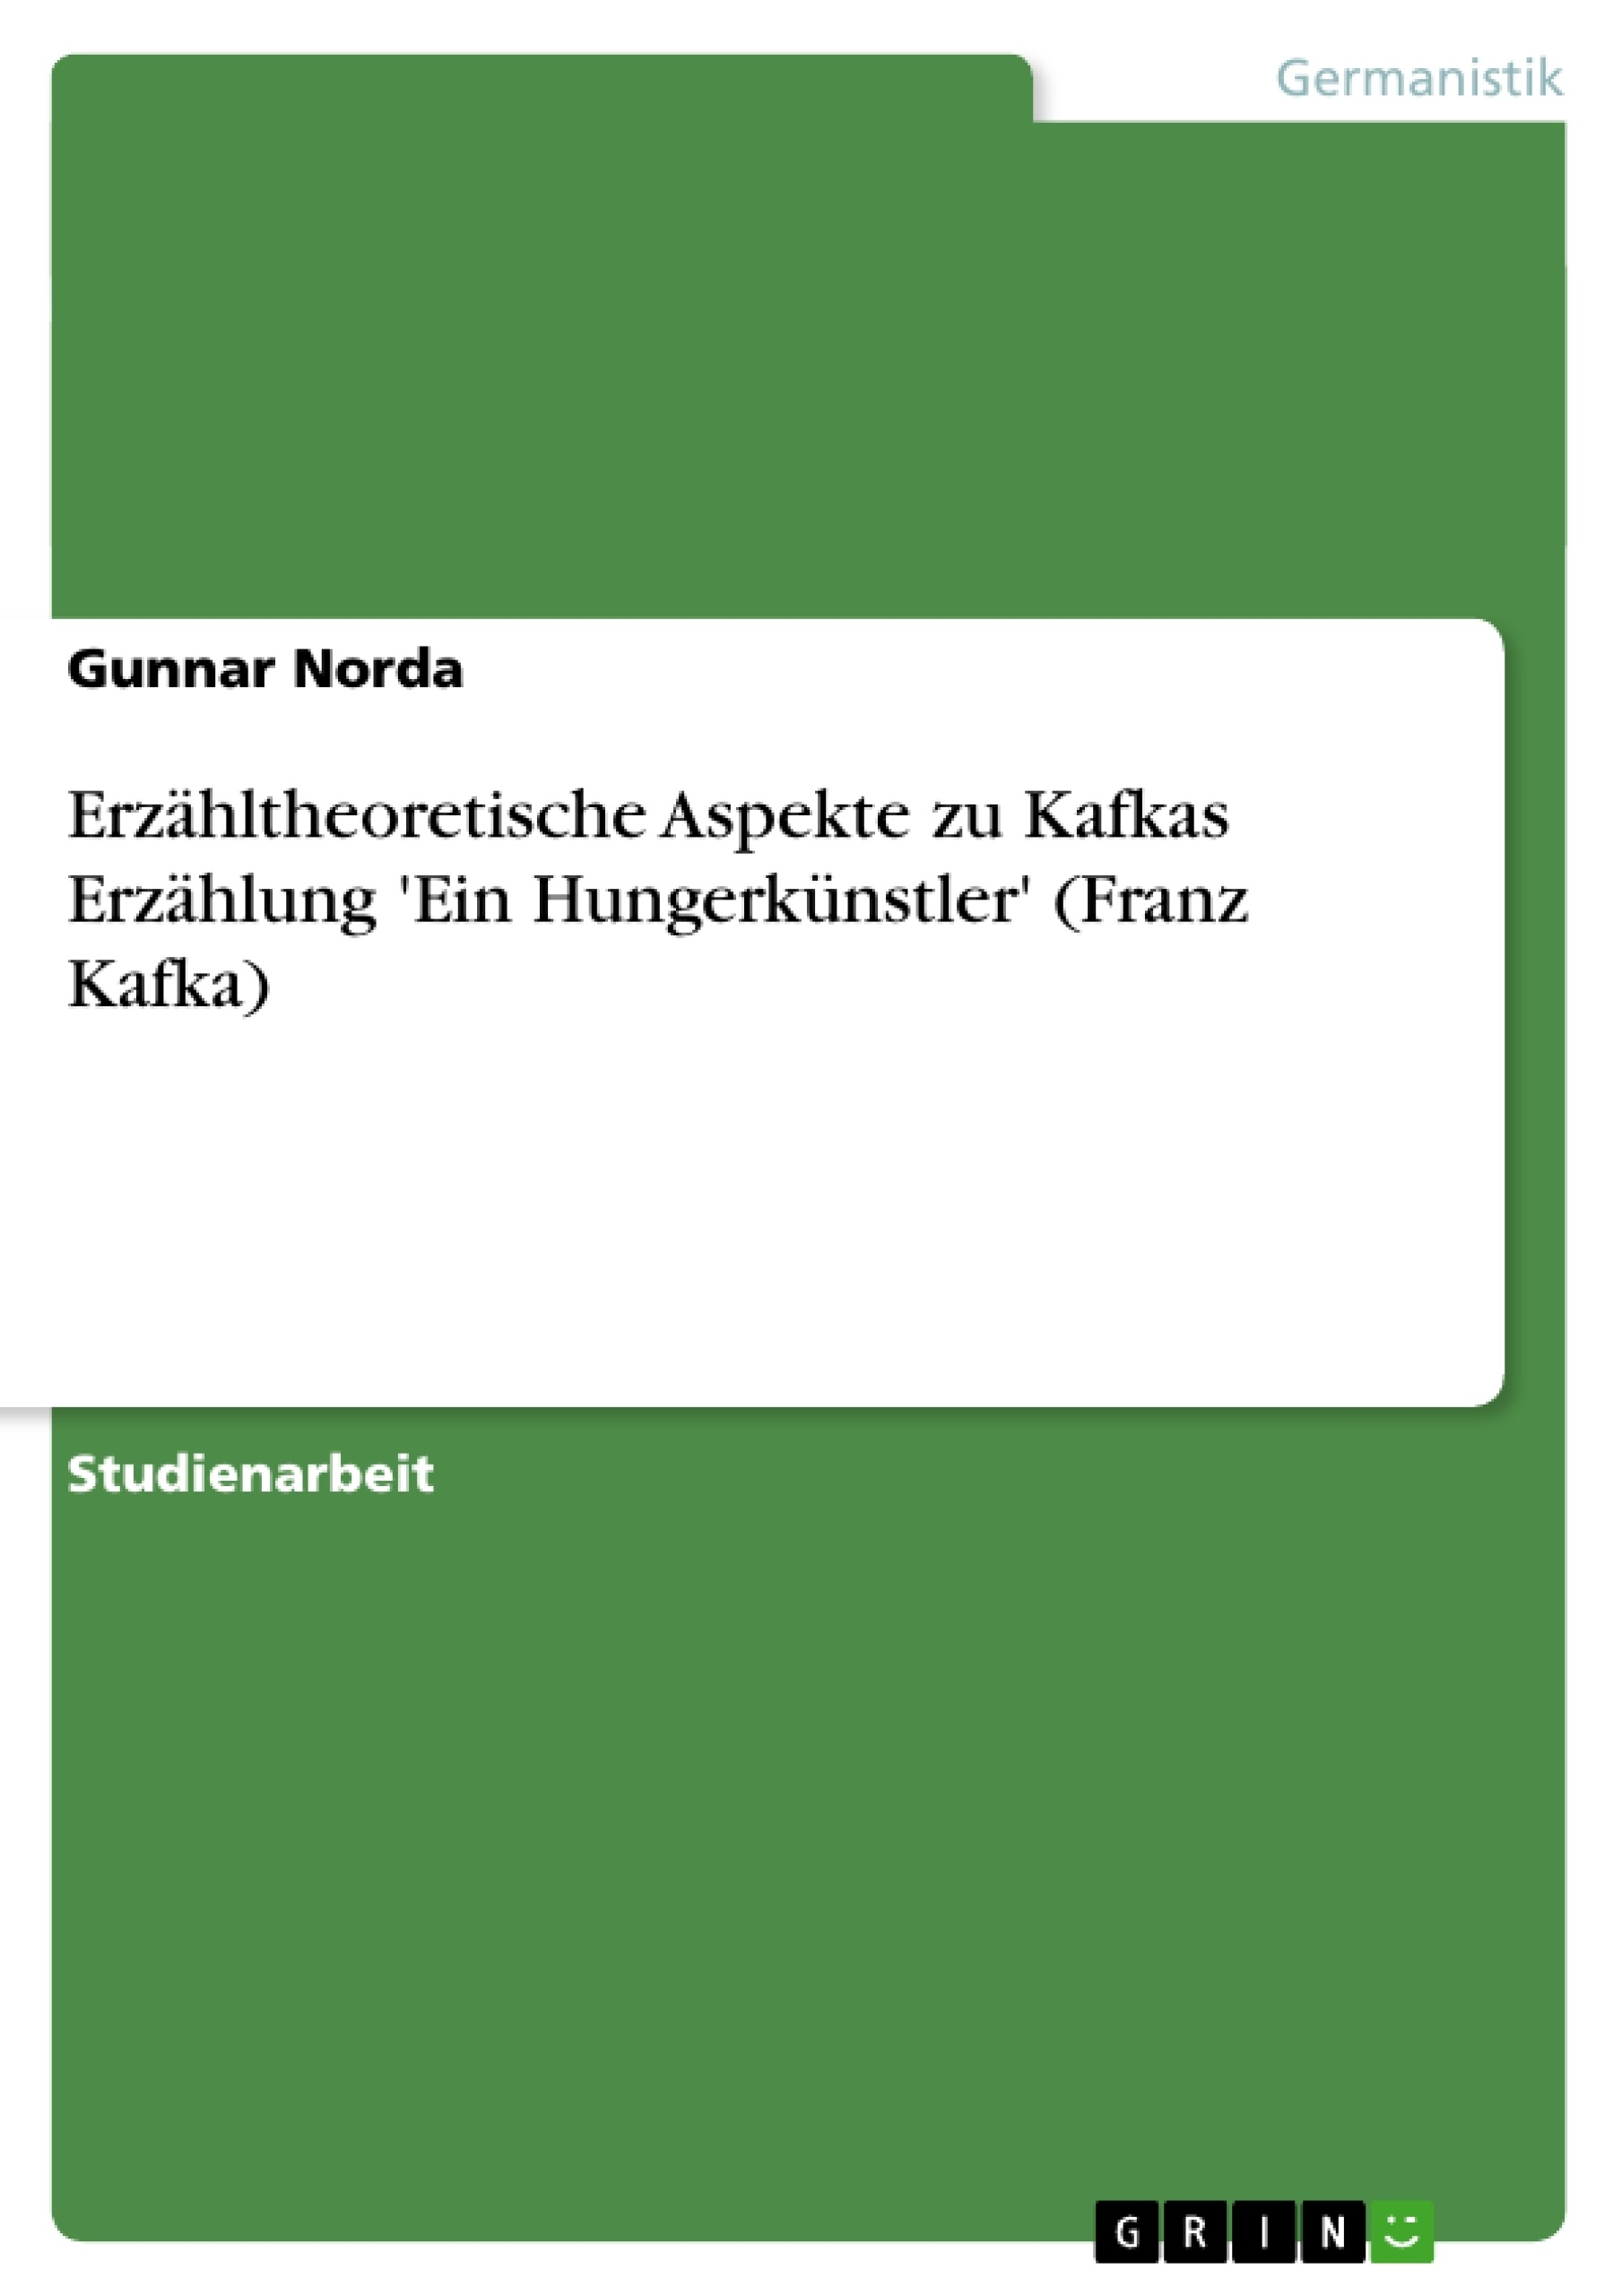 Titel: Erzähltheoretische Aspekte zu Kafkas Erzählung 'Ein Hungerkünstler' (Franz Kafka)